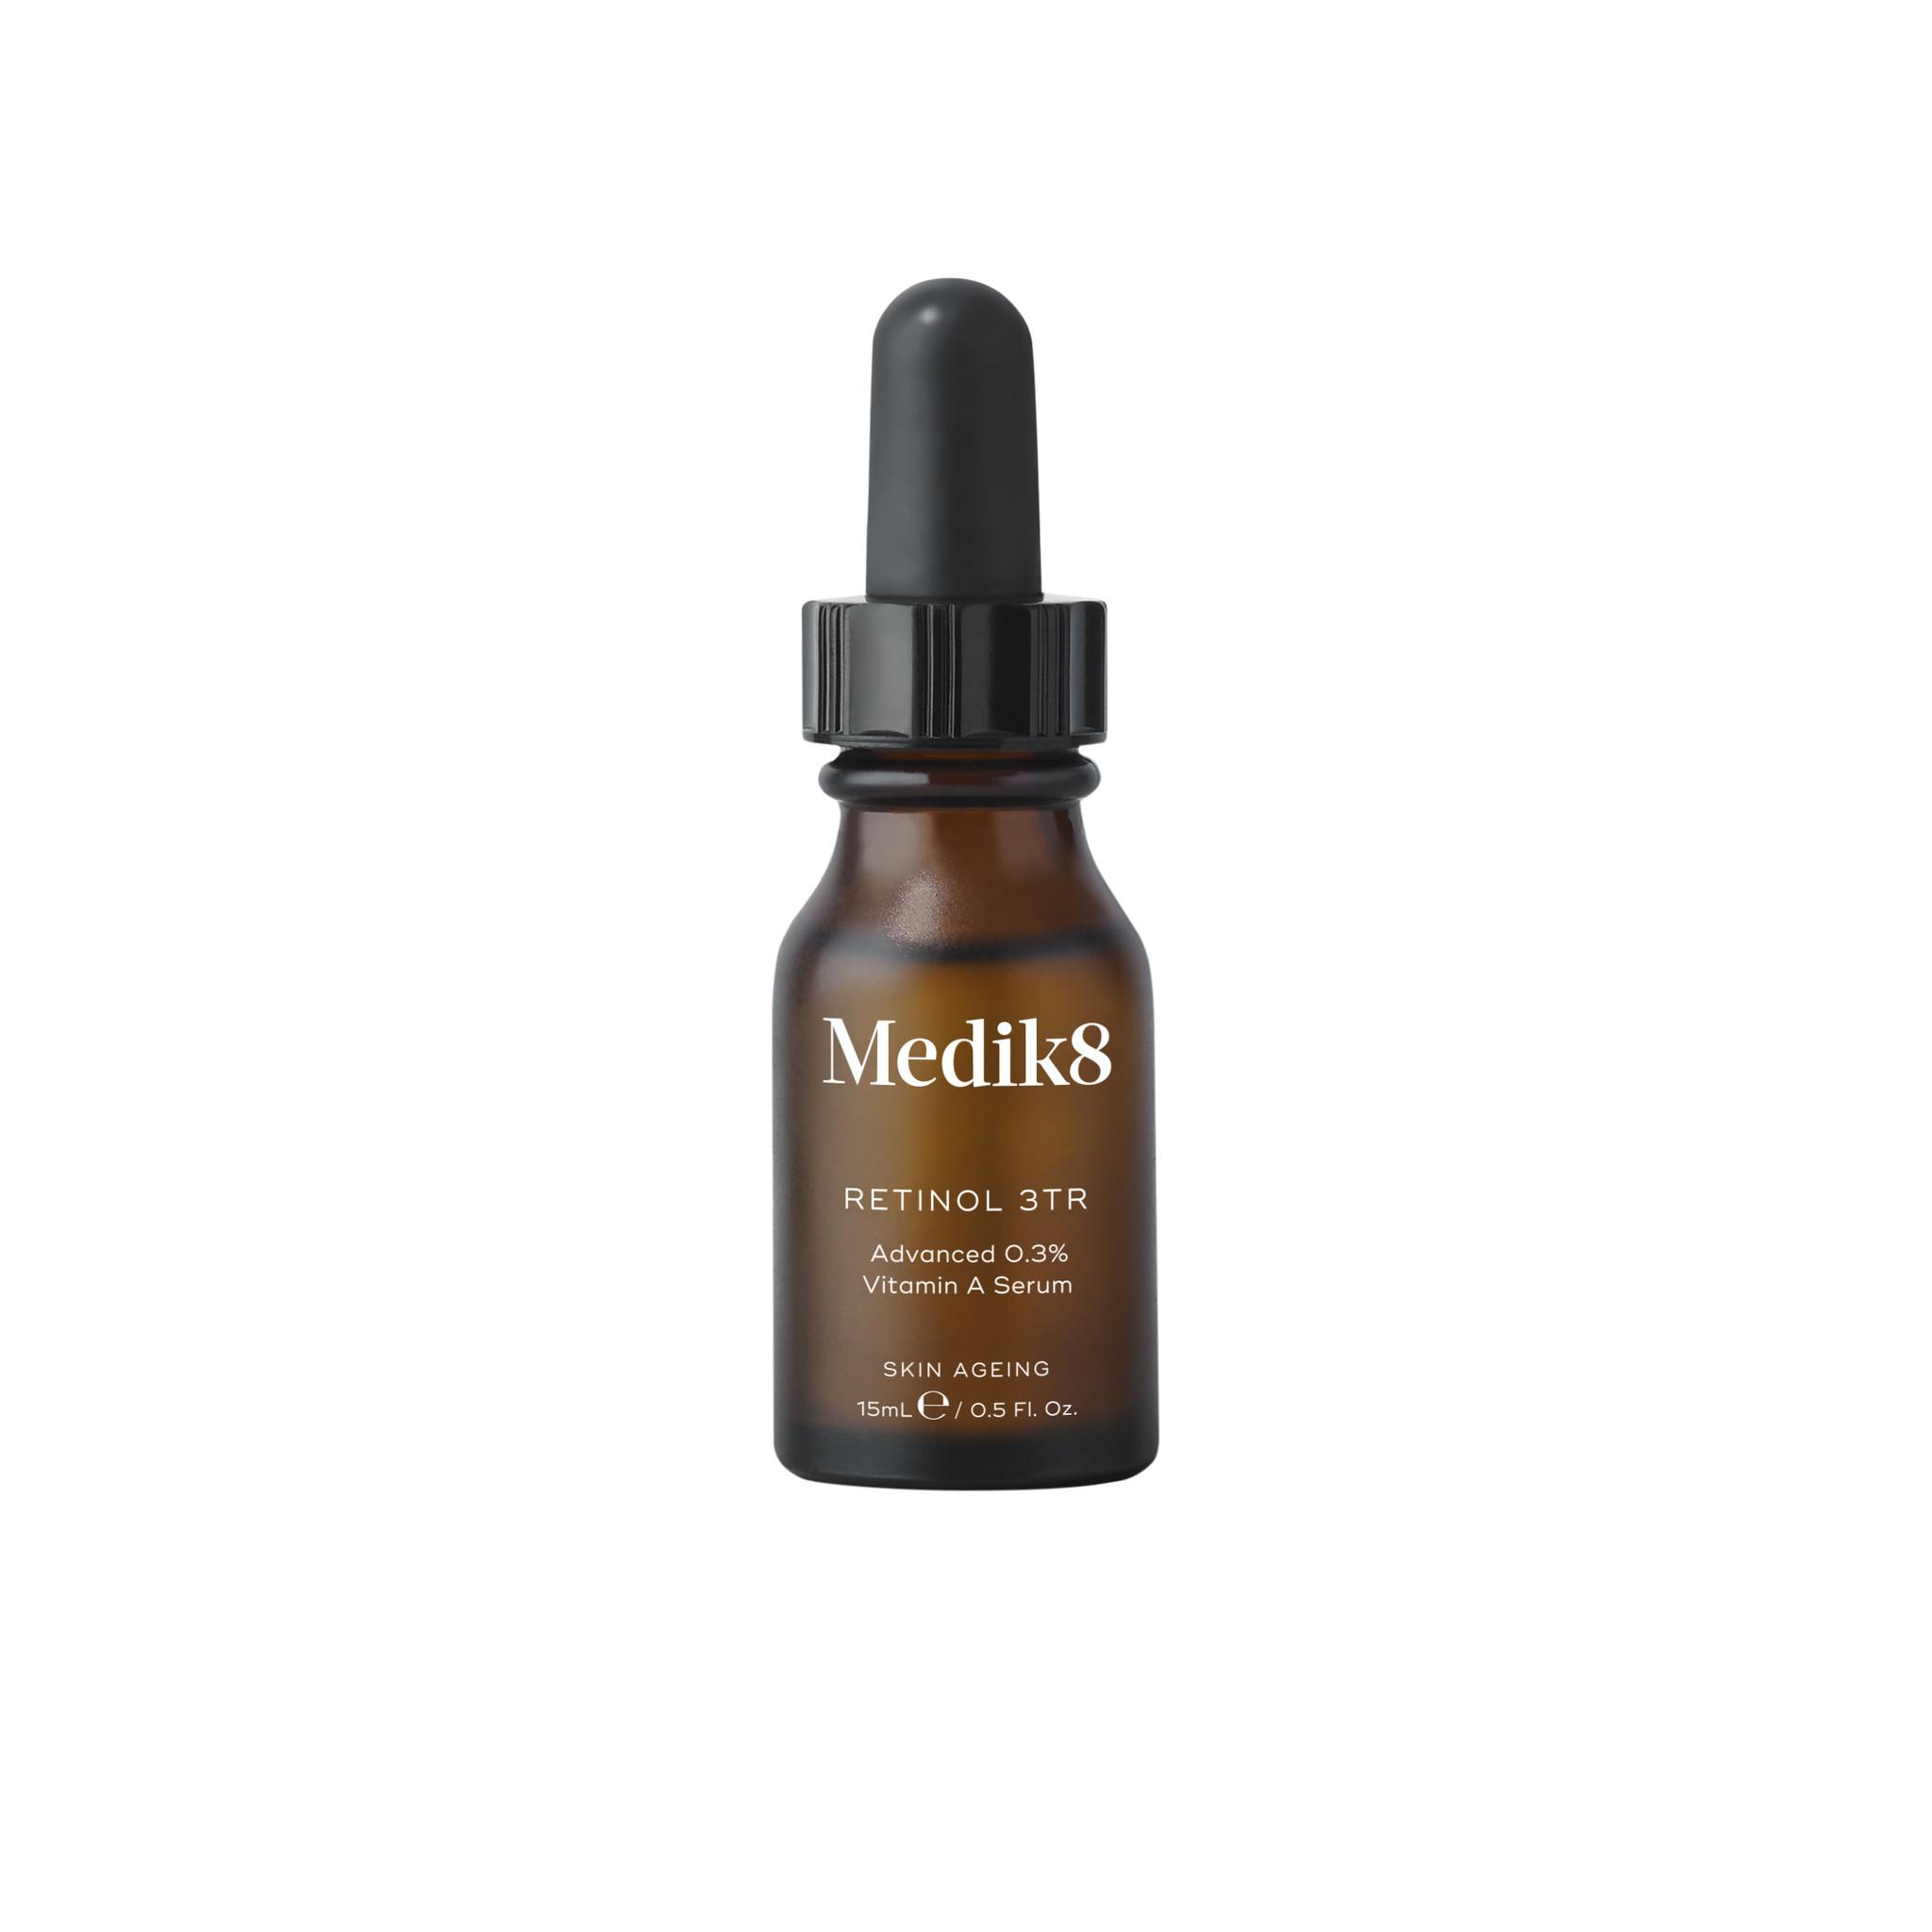 Medik8 Retinol 3TR | Advanced 0.3% Vitamin A Serum | 15ml